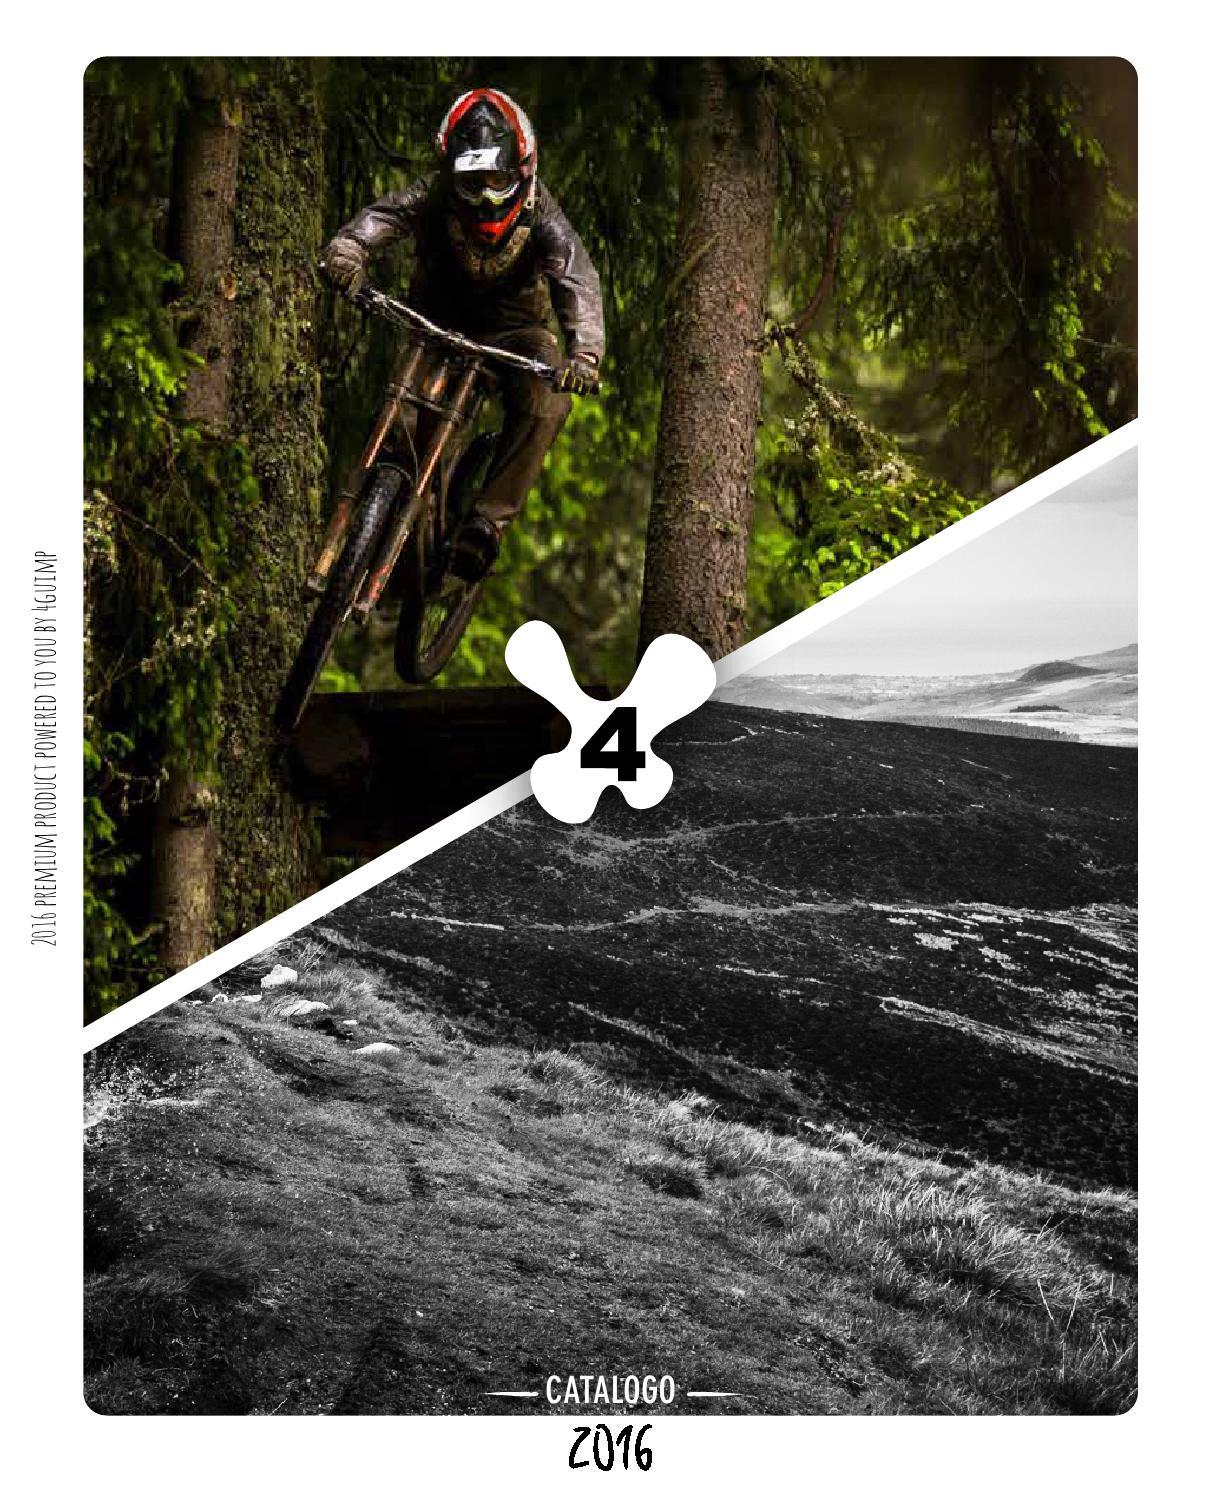 Manubrio Riser in Lega di Alluminio Anti-ruggine Durevole Manubrio Extra Lungo Riser per Mountain Bike Bici da Corse Nero Manubrio Bici